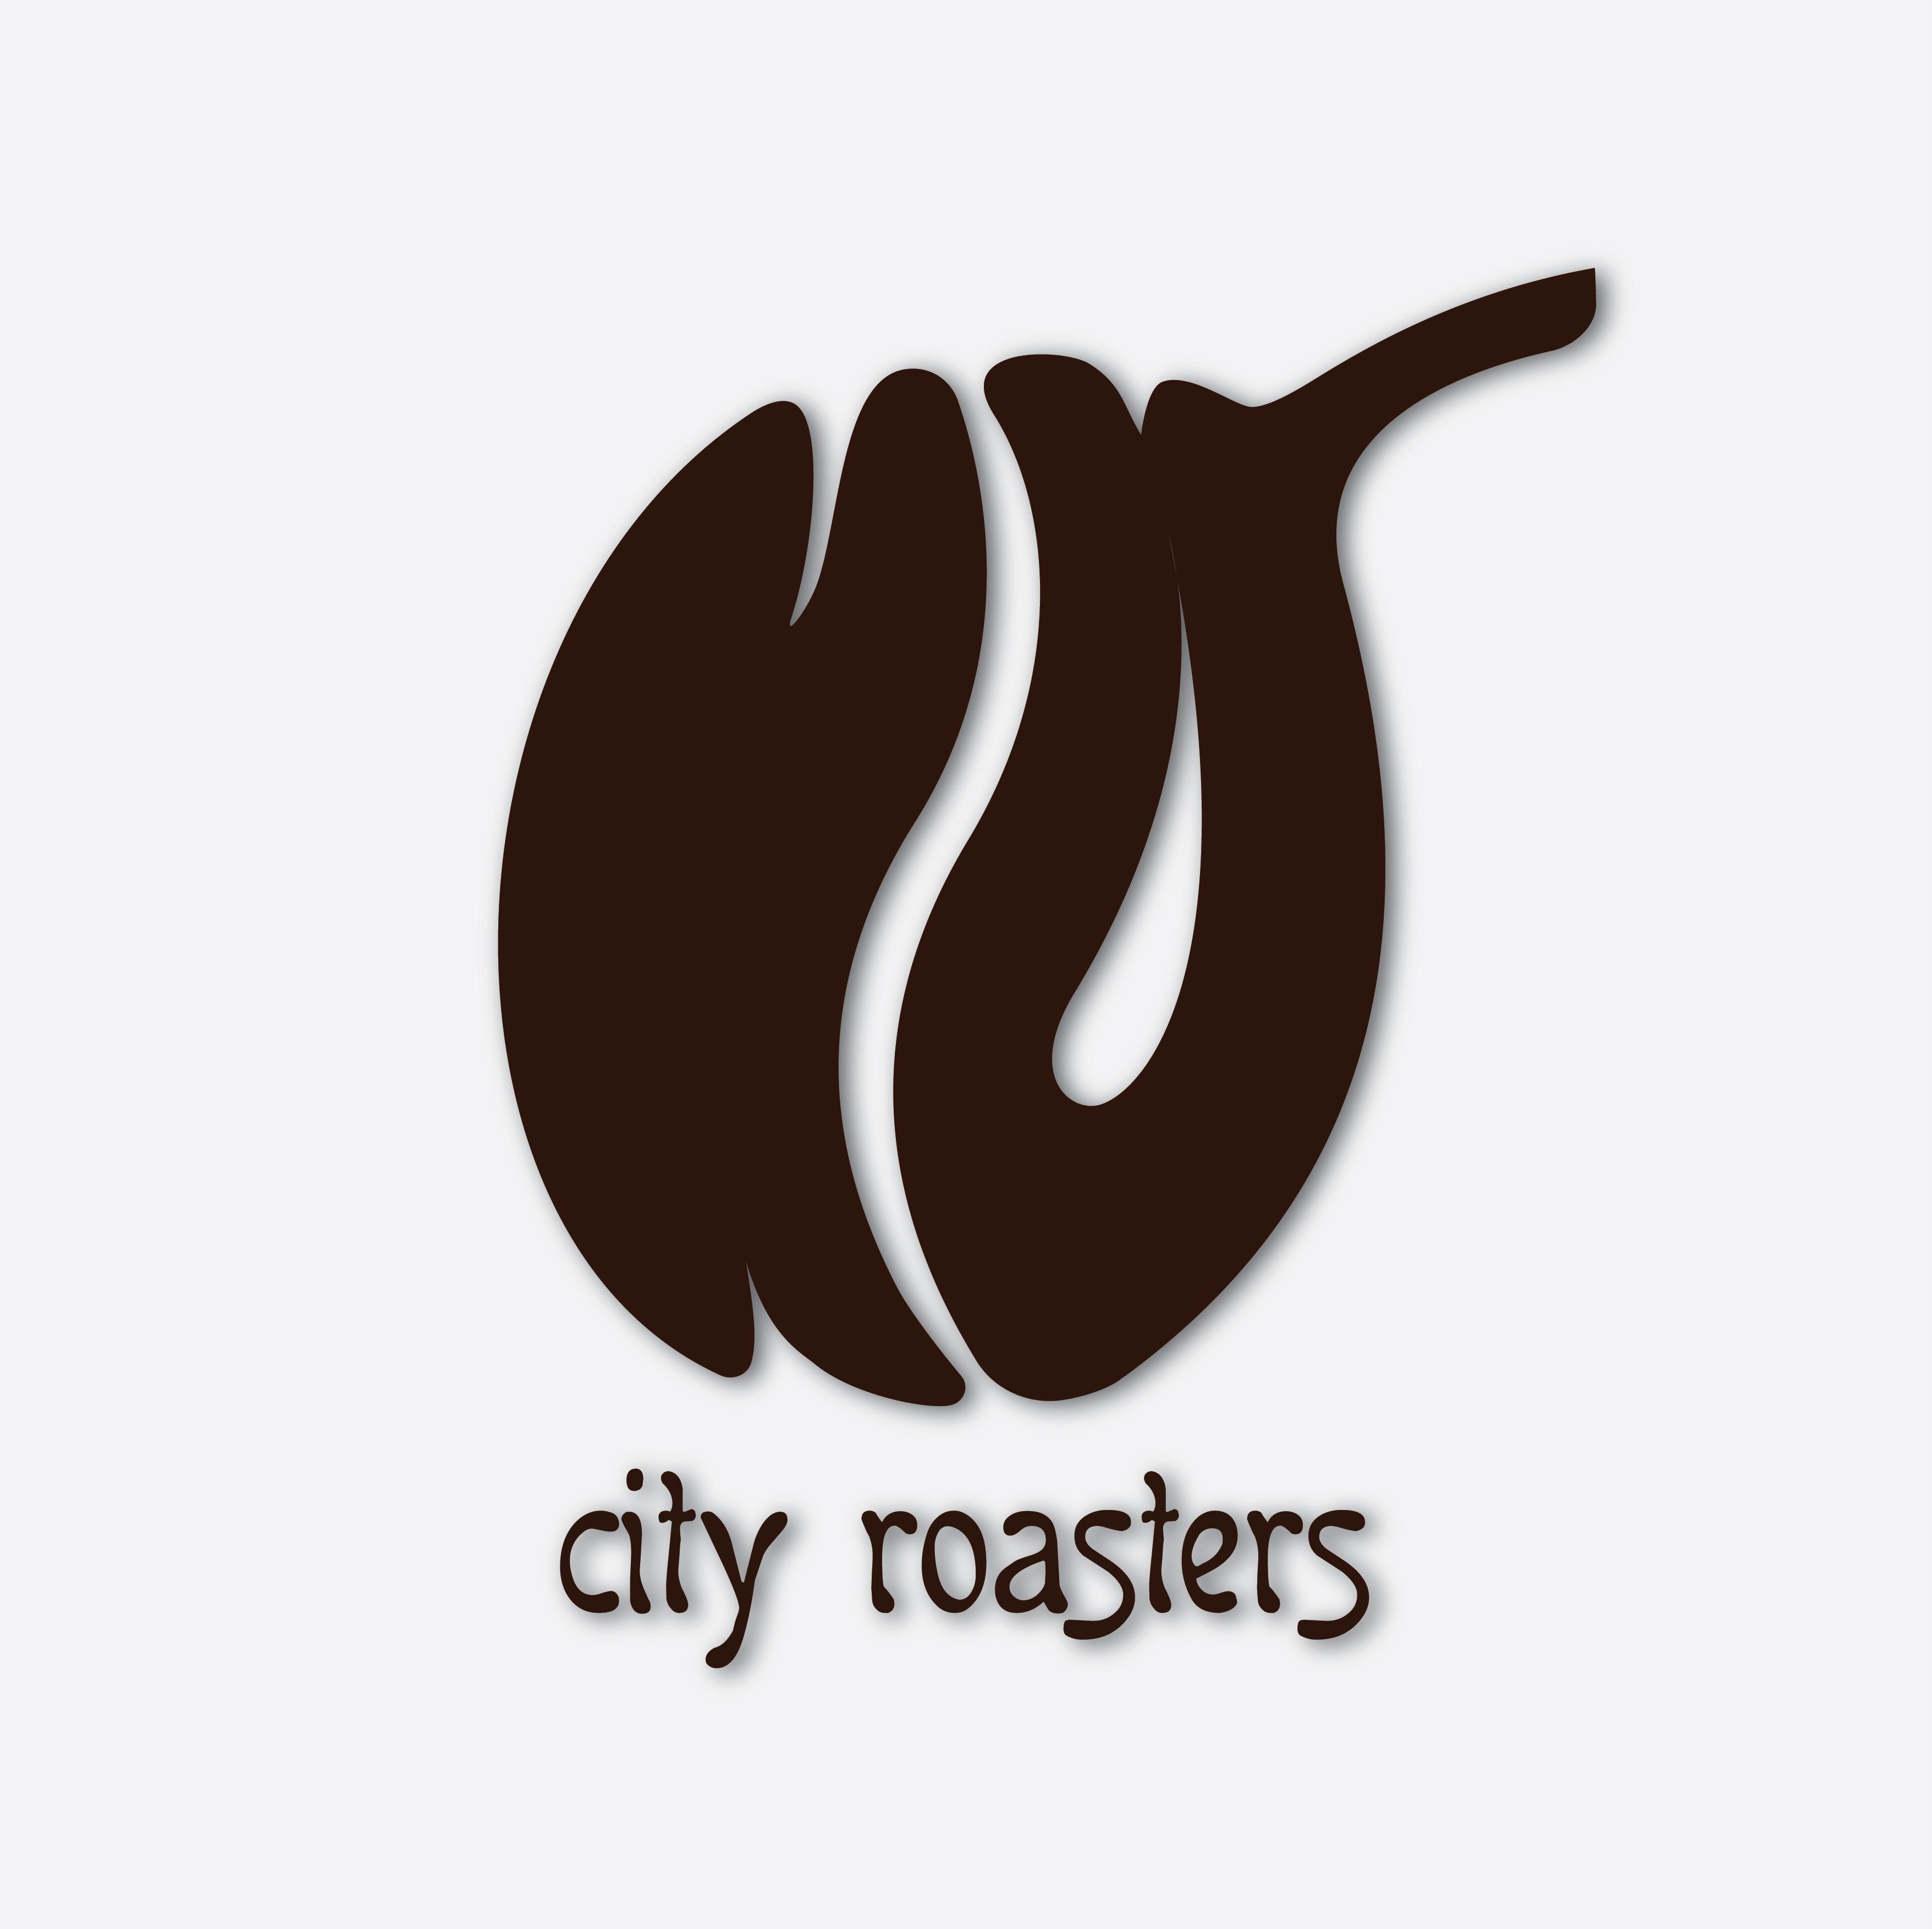 логотип для кофейной компании фото f_665541ad524595c7.jpg